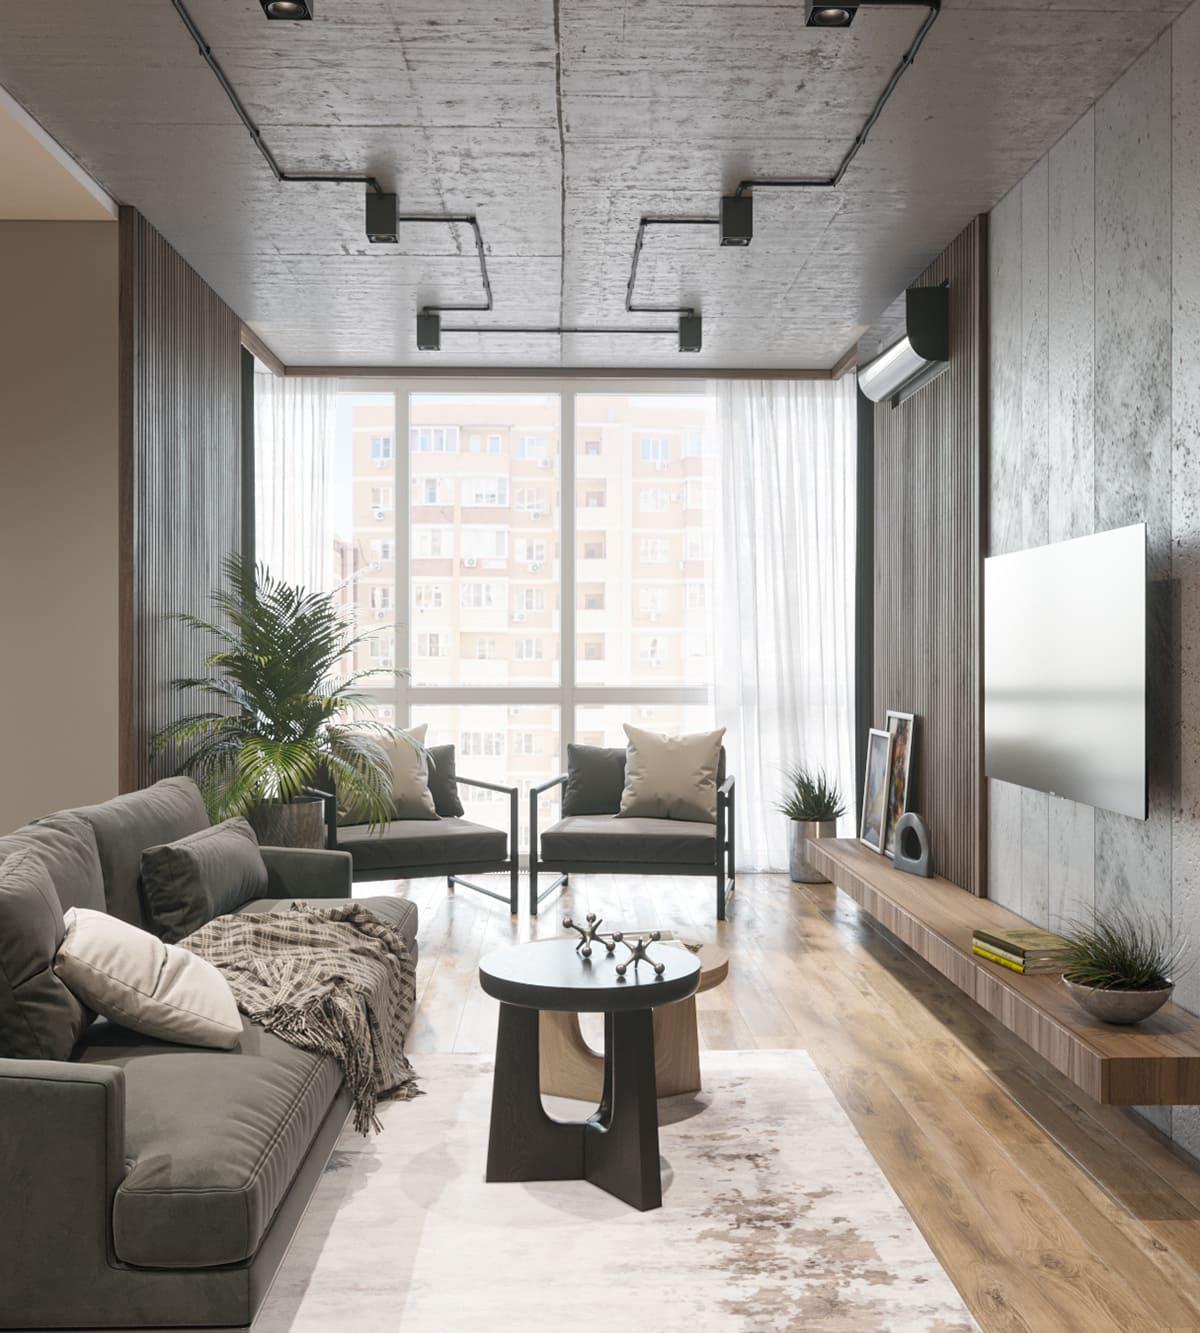 conception d'un appartement d'une pièce photo 60